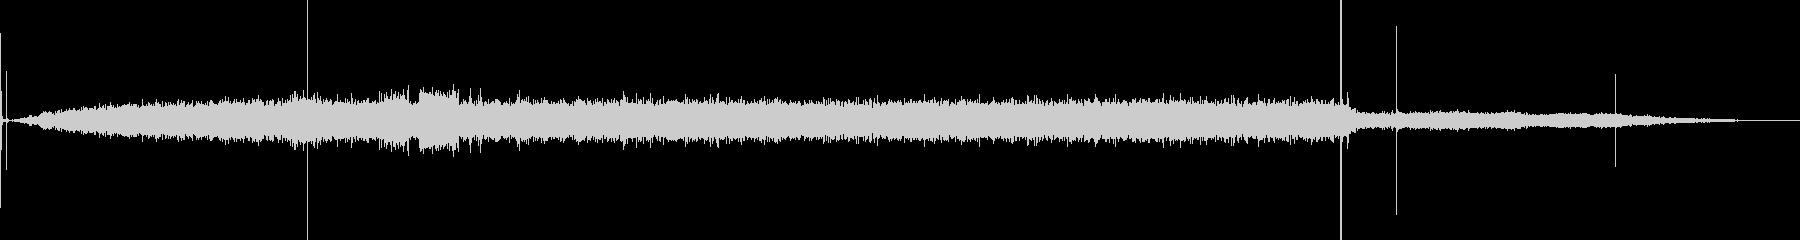 ハードディスク-電源オン-電源オフの未再生の波形